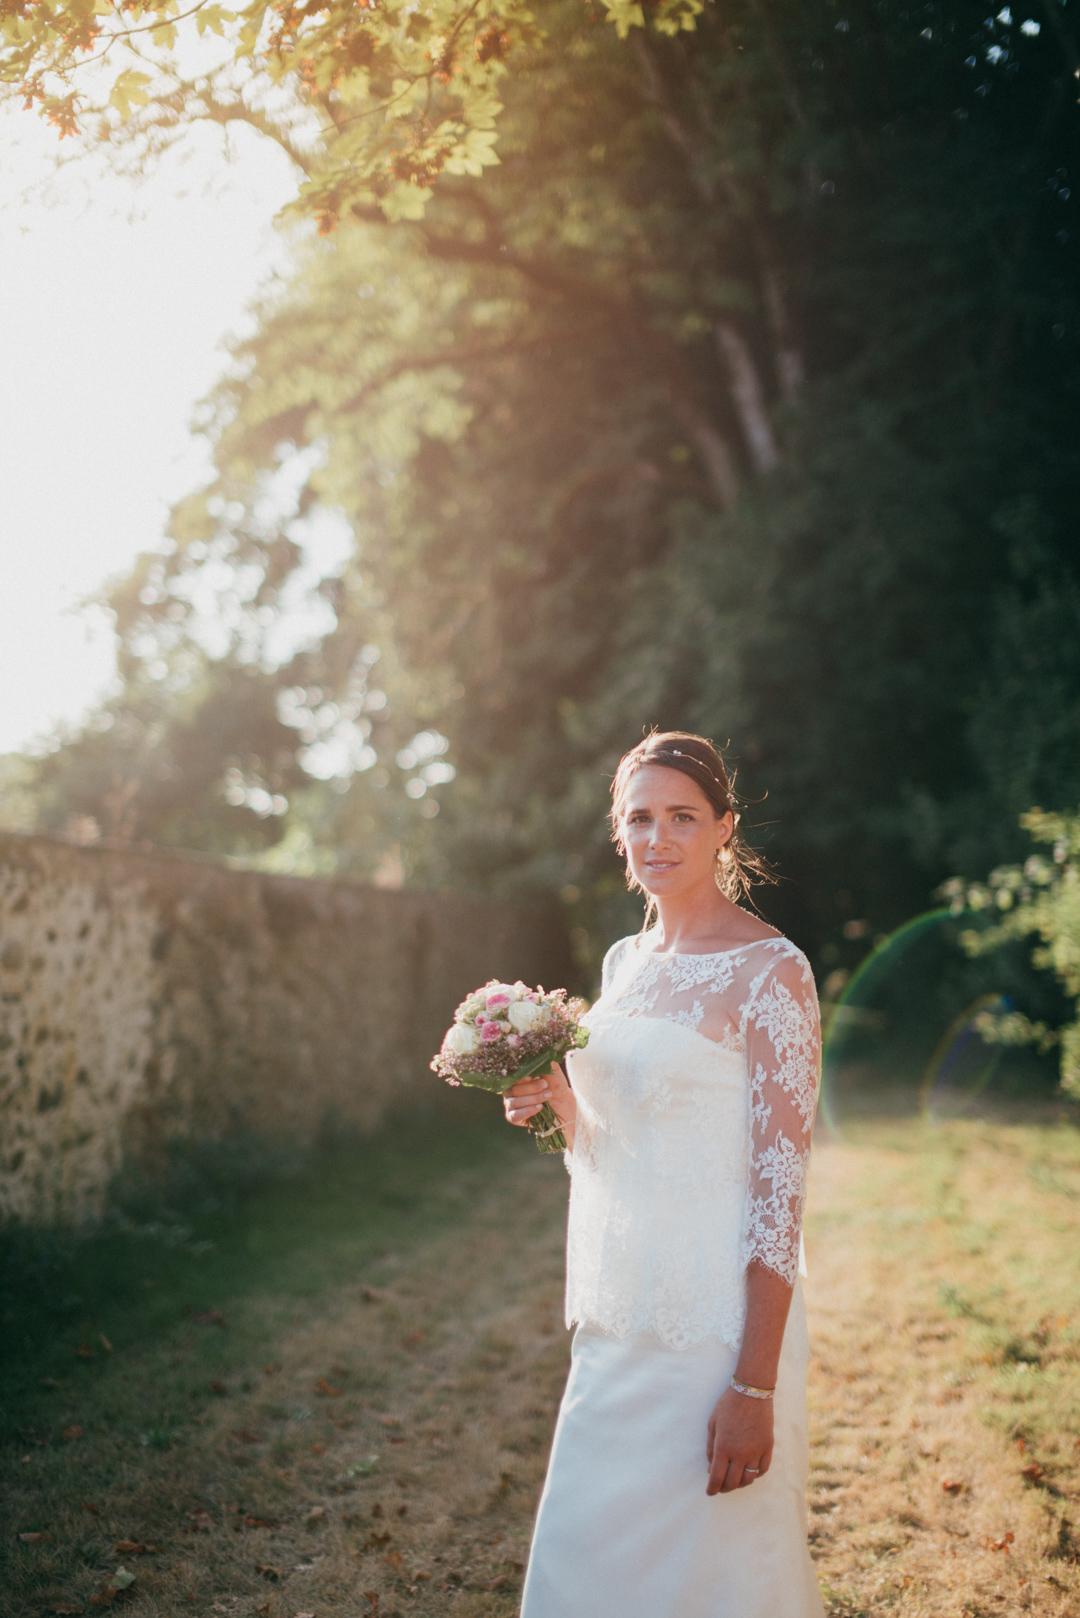 Mariage-Vintage-La Roche Sur Yon-Charles_SEGUY-30